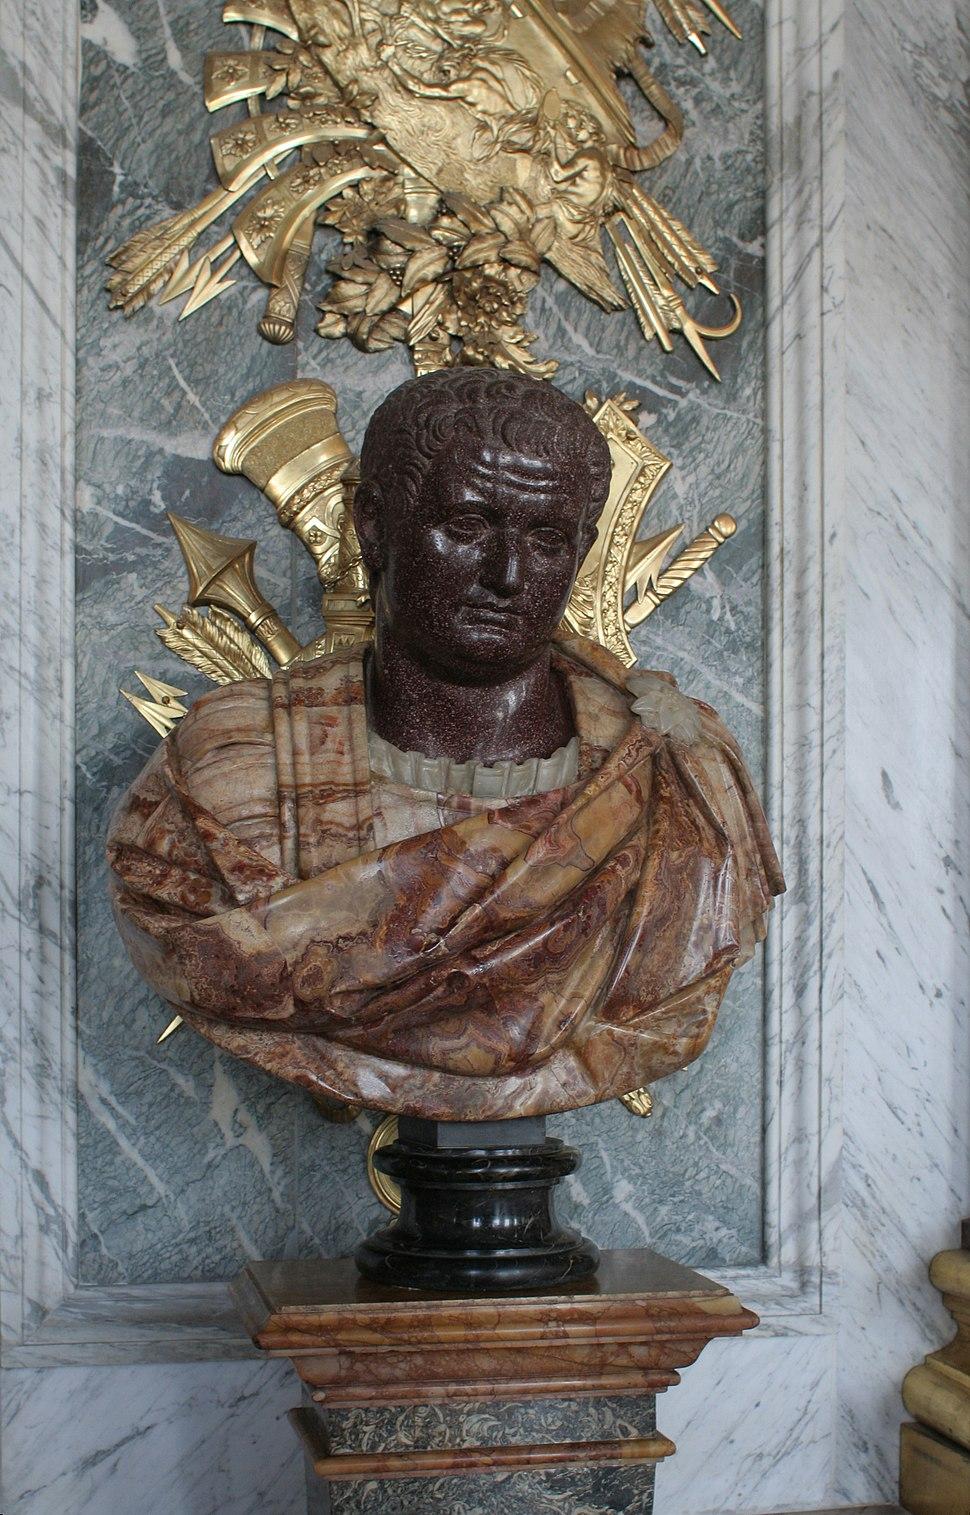 Château de Versailles, galerie des glaces, buste d'empereur romain 03 (Titus)